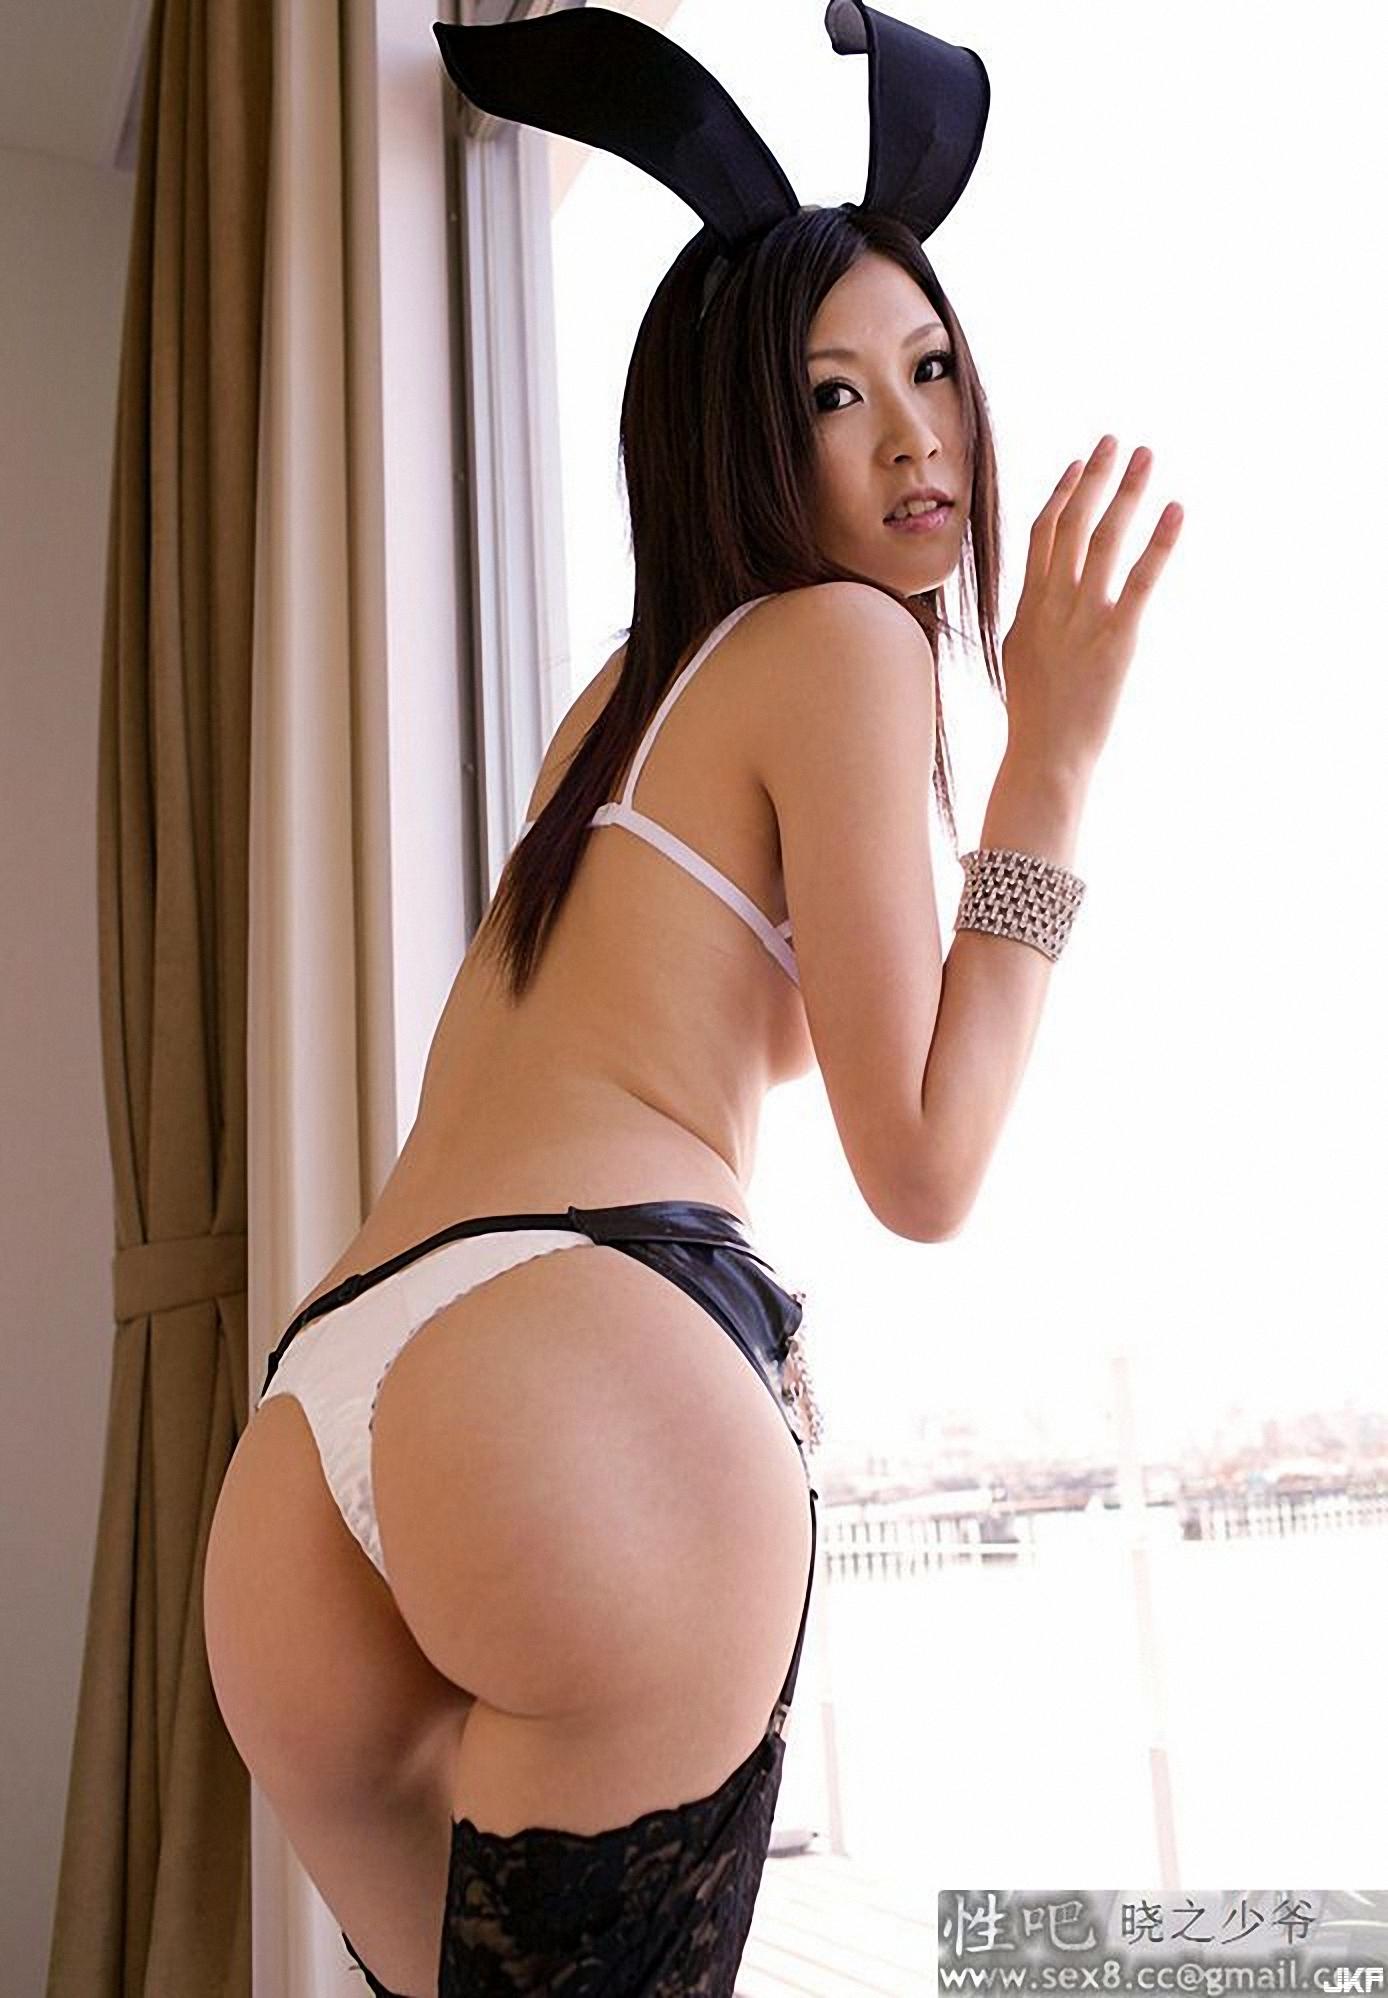 kotoneamamiya12d.jpg